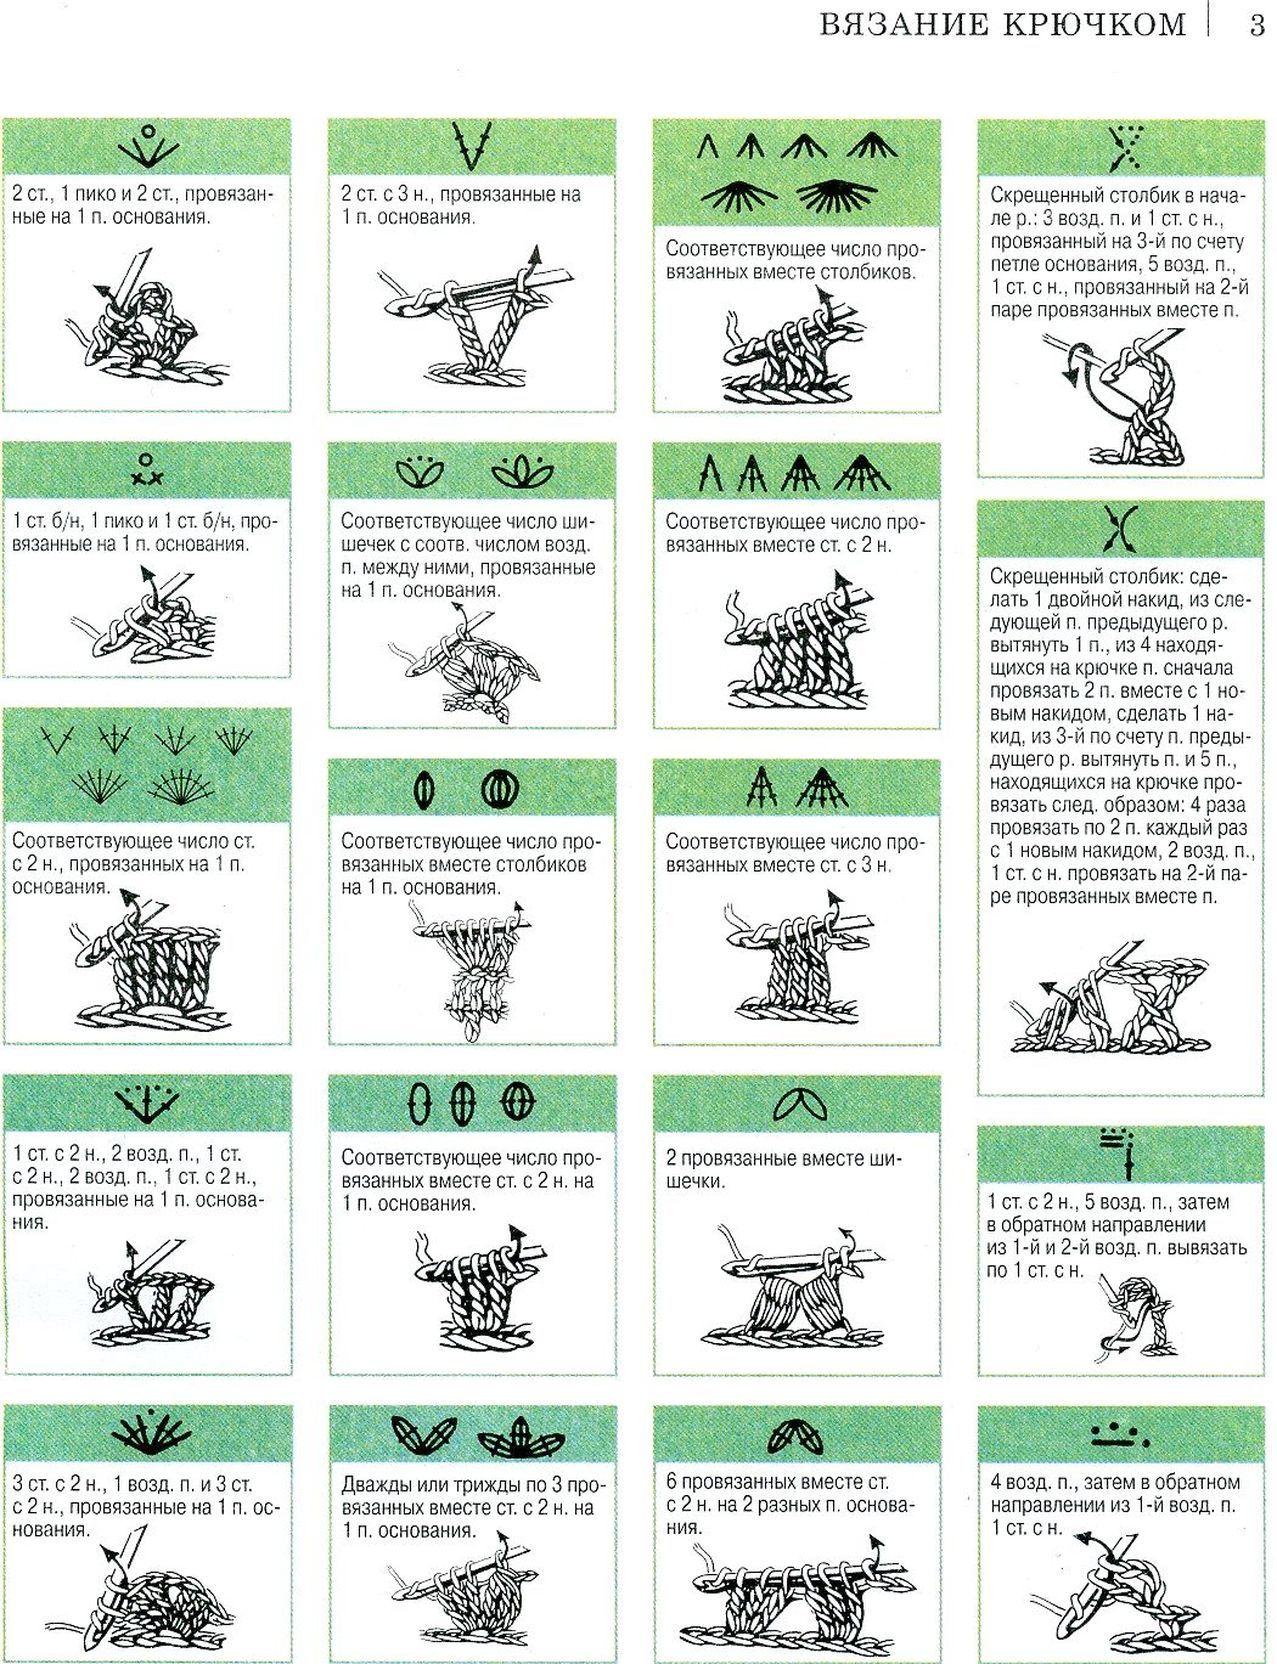 Häkeln Zeichenerklärung Symbole Russisch Häkeln Spezial Tipps